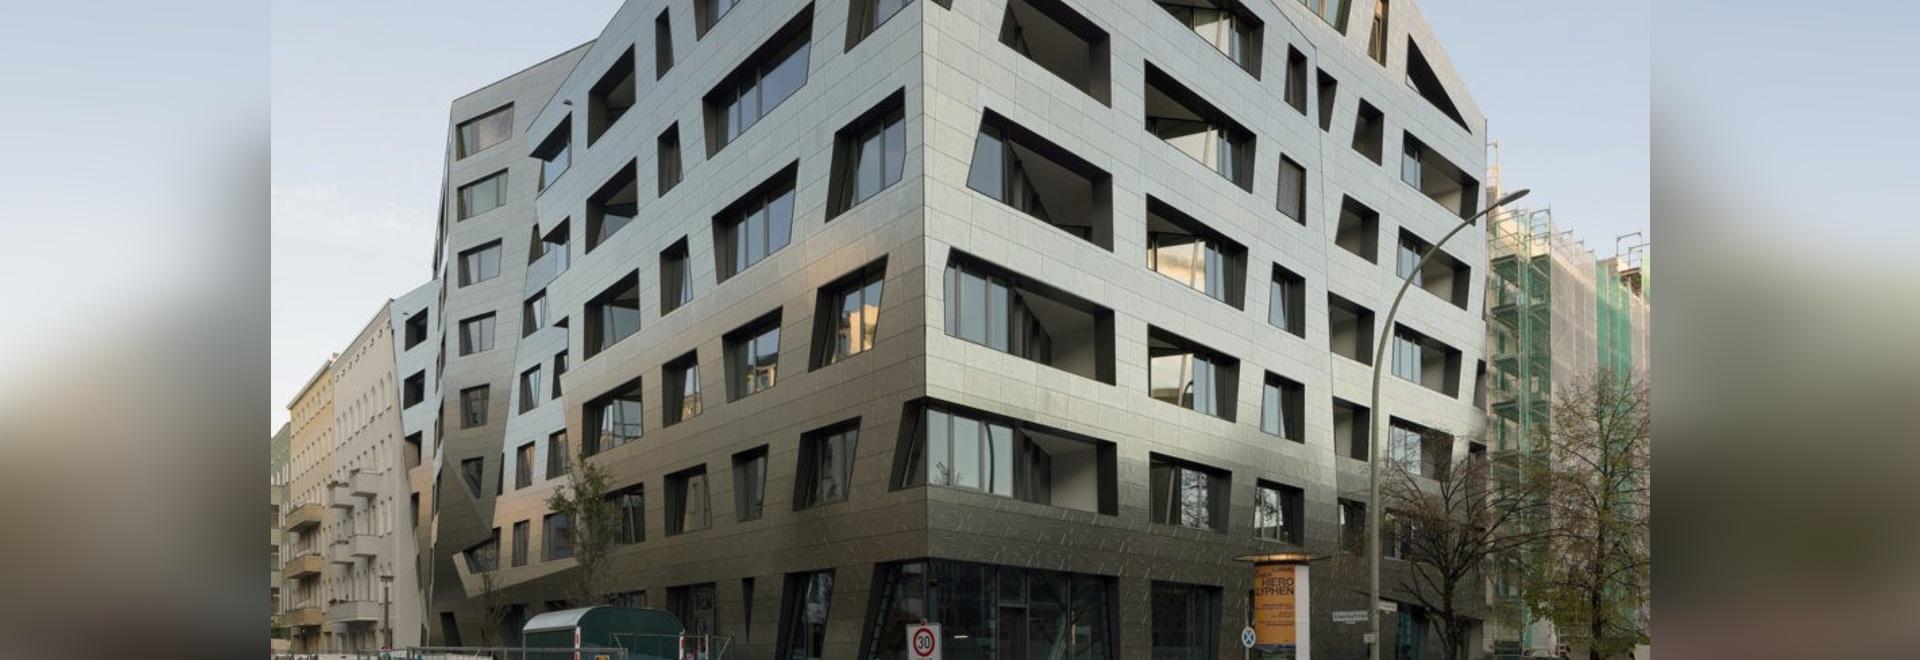 Superb Dieses Neue Berlin Wohngebäude Reinigt Buchstäblich Die Luft Der Stadt